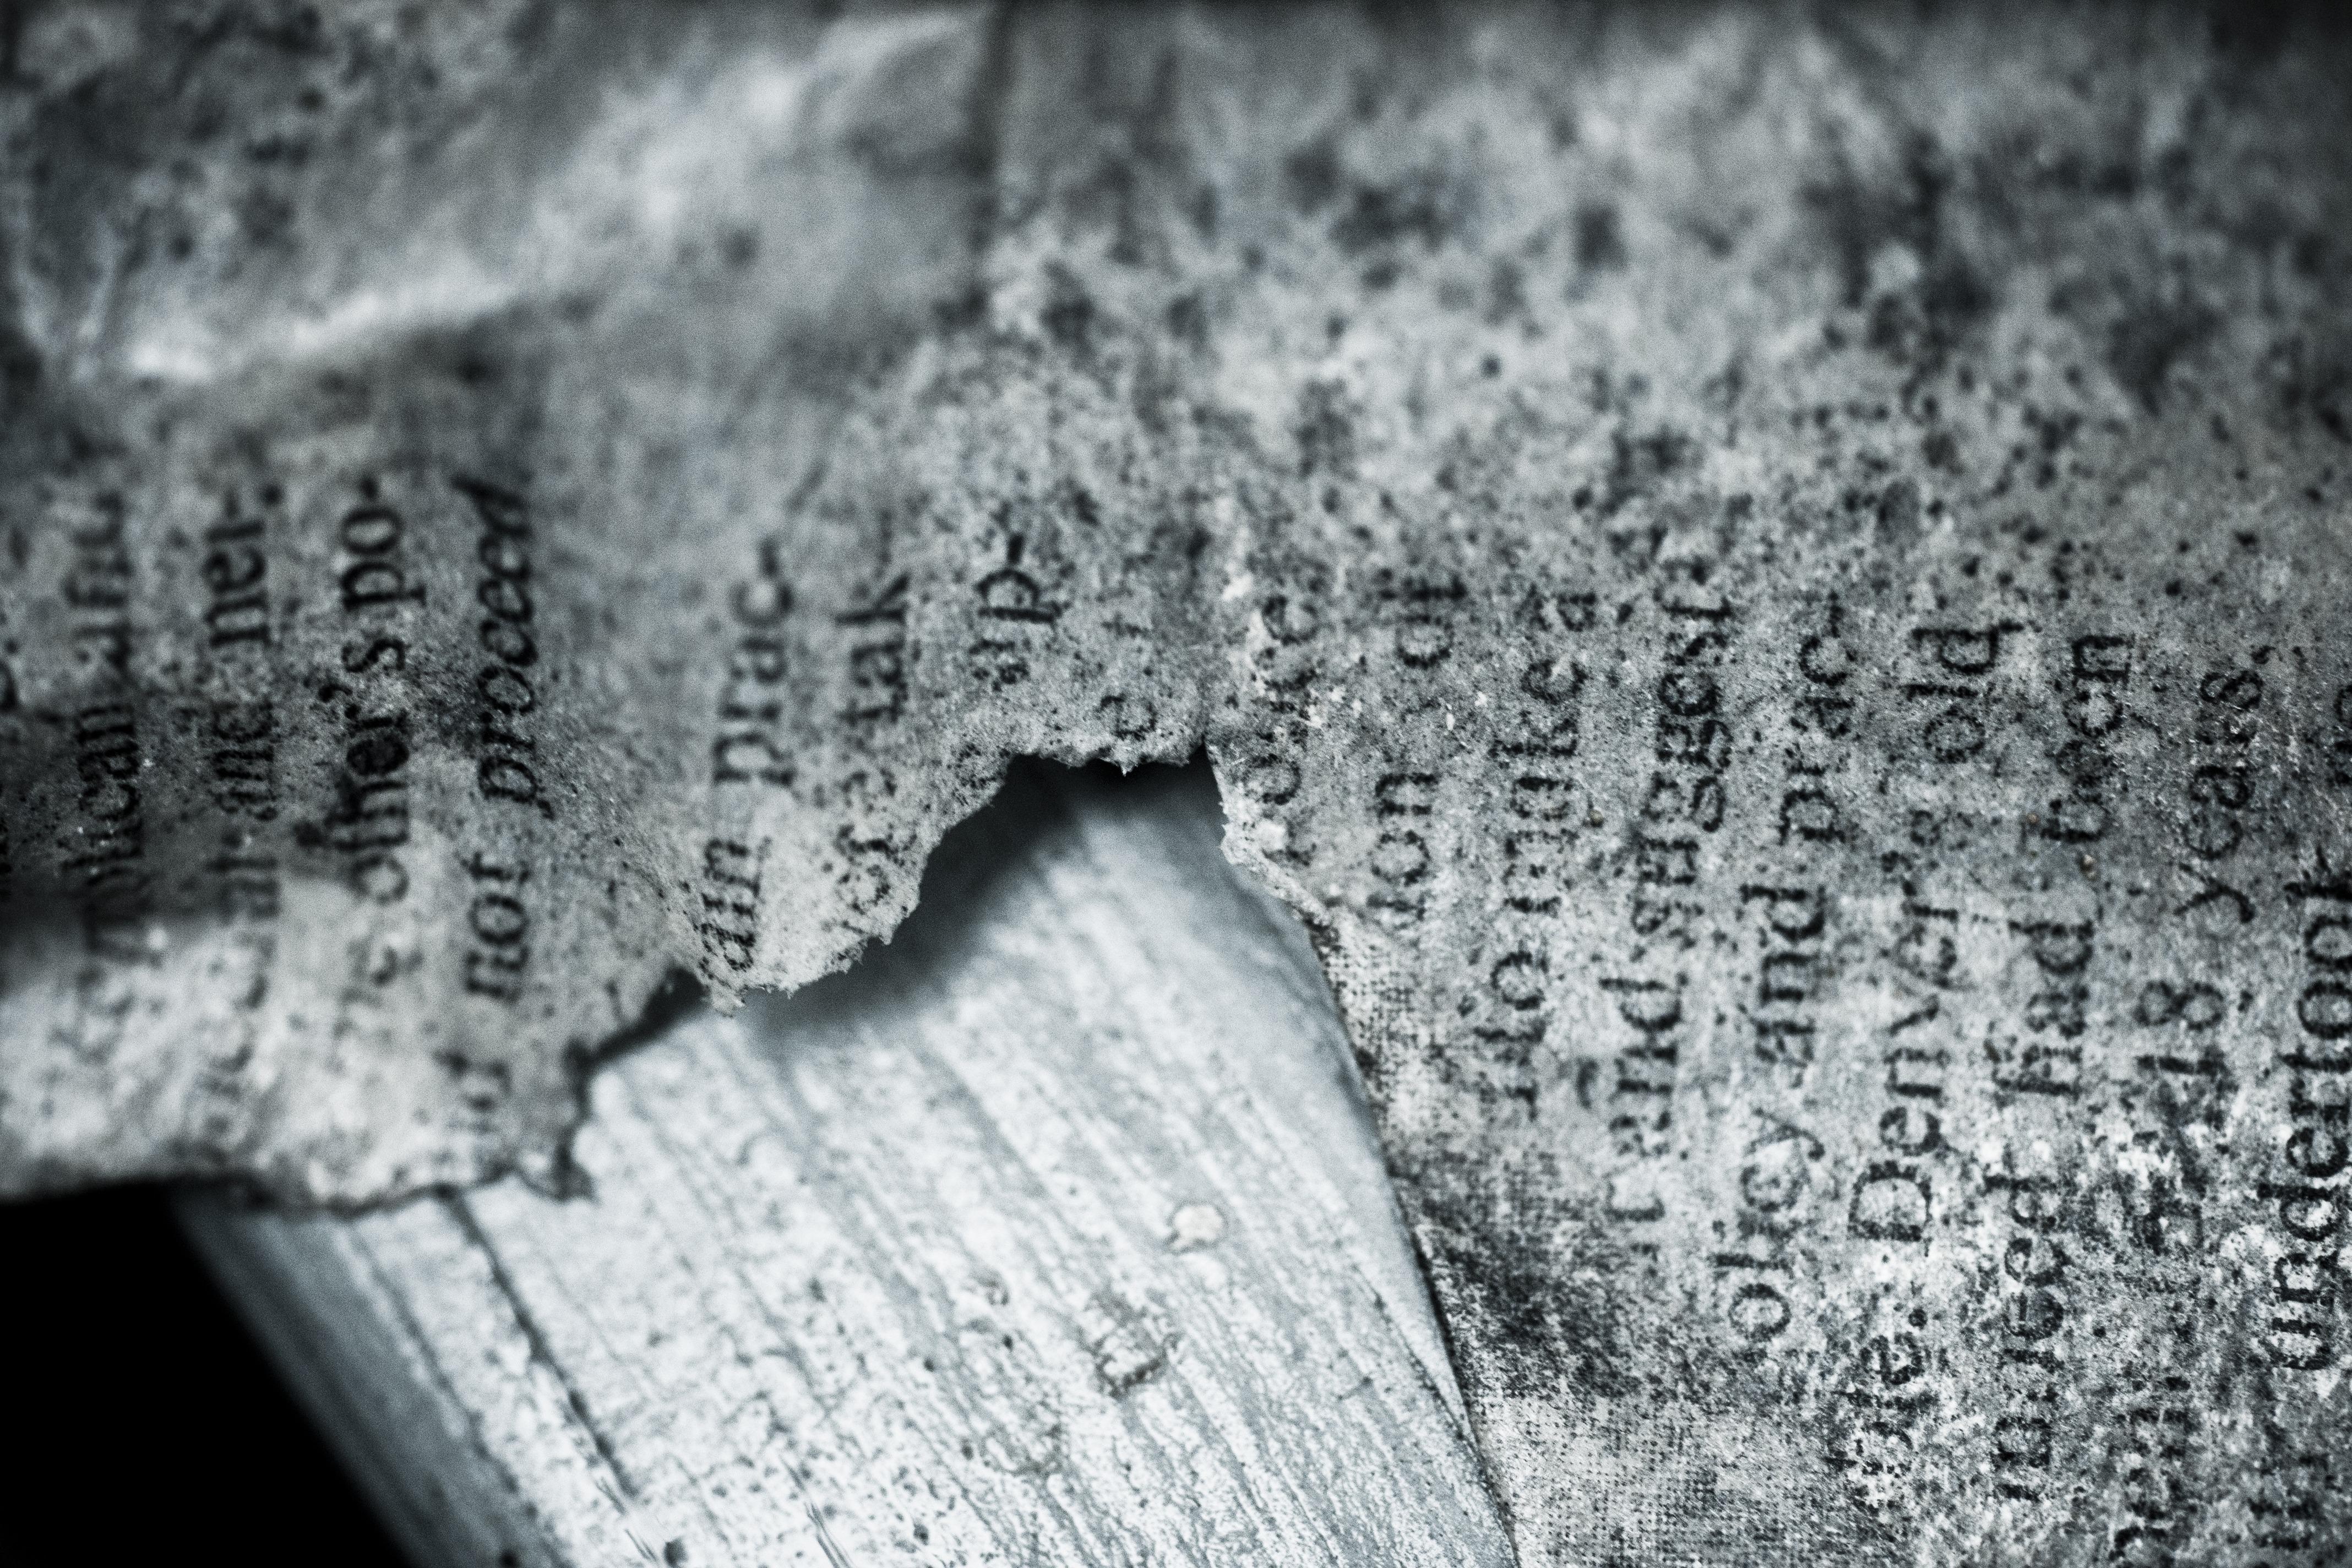 penulisan hitam dan putih Vintage tekstur embun beku tua satu warna kertas sobek dokumen memo tulisan